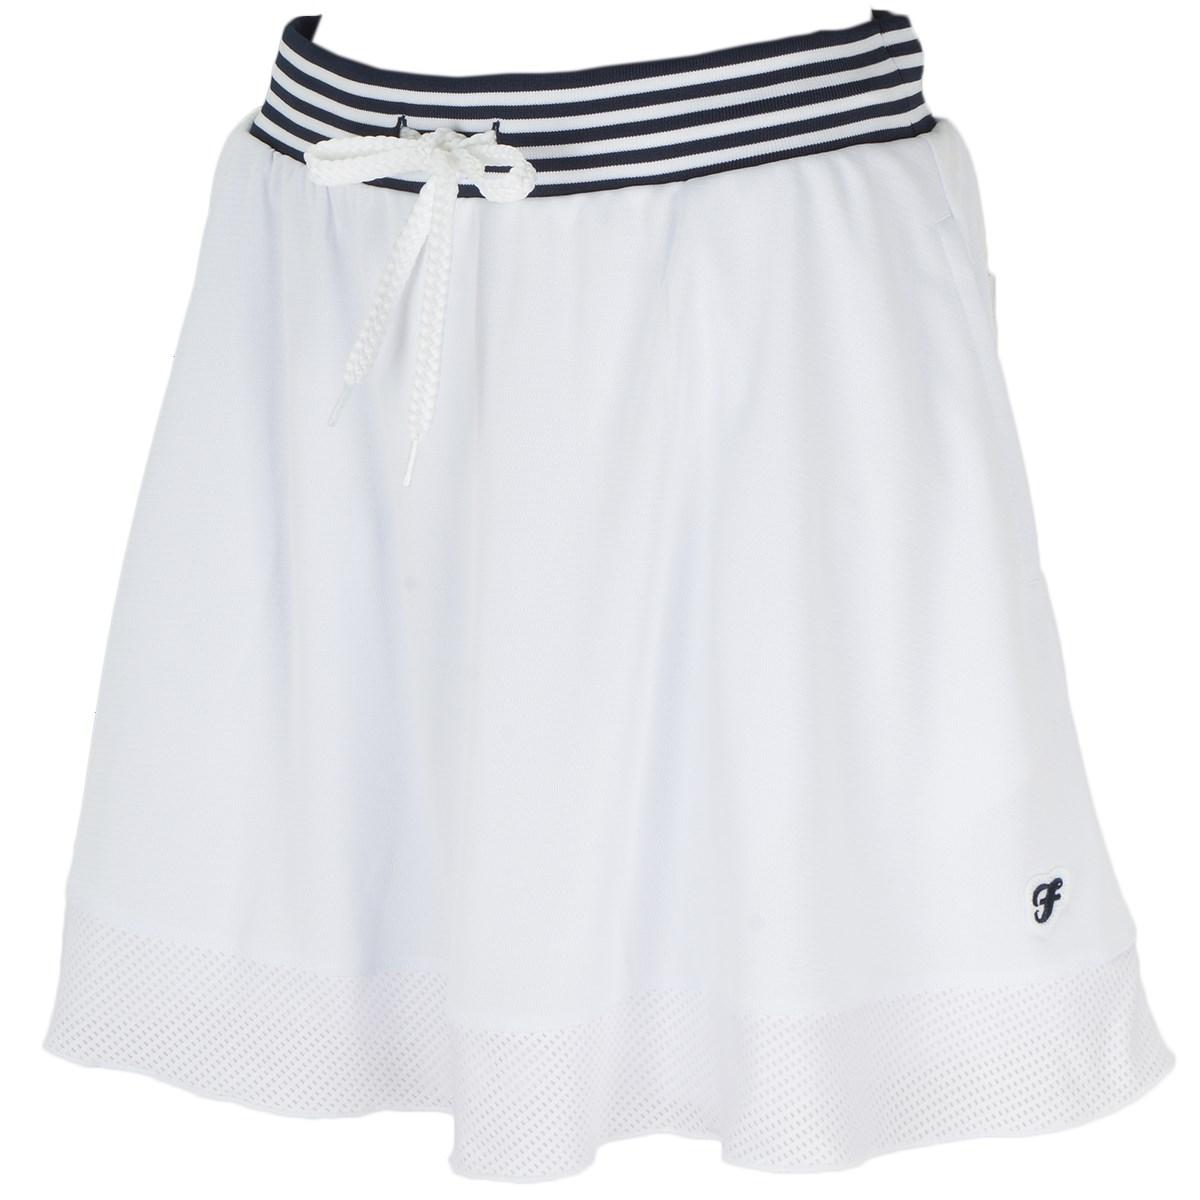 フィラ FILA スカート S ホワイト レディス